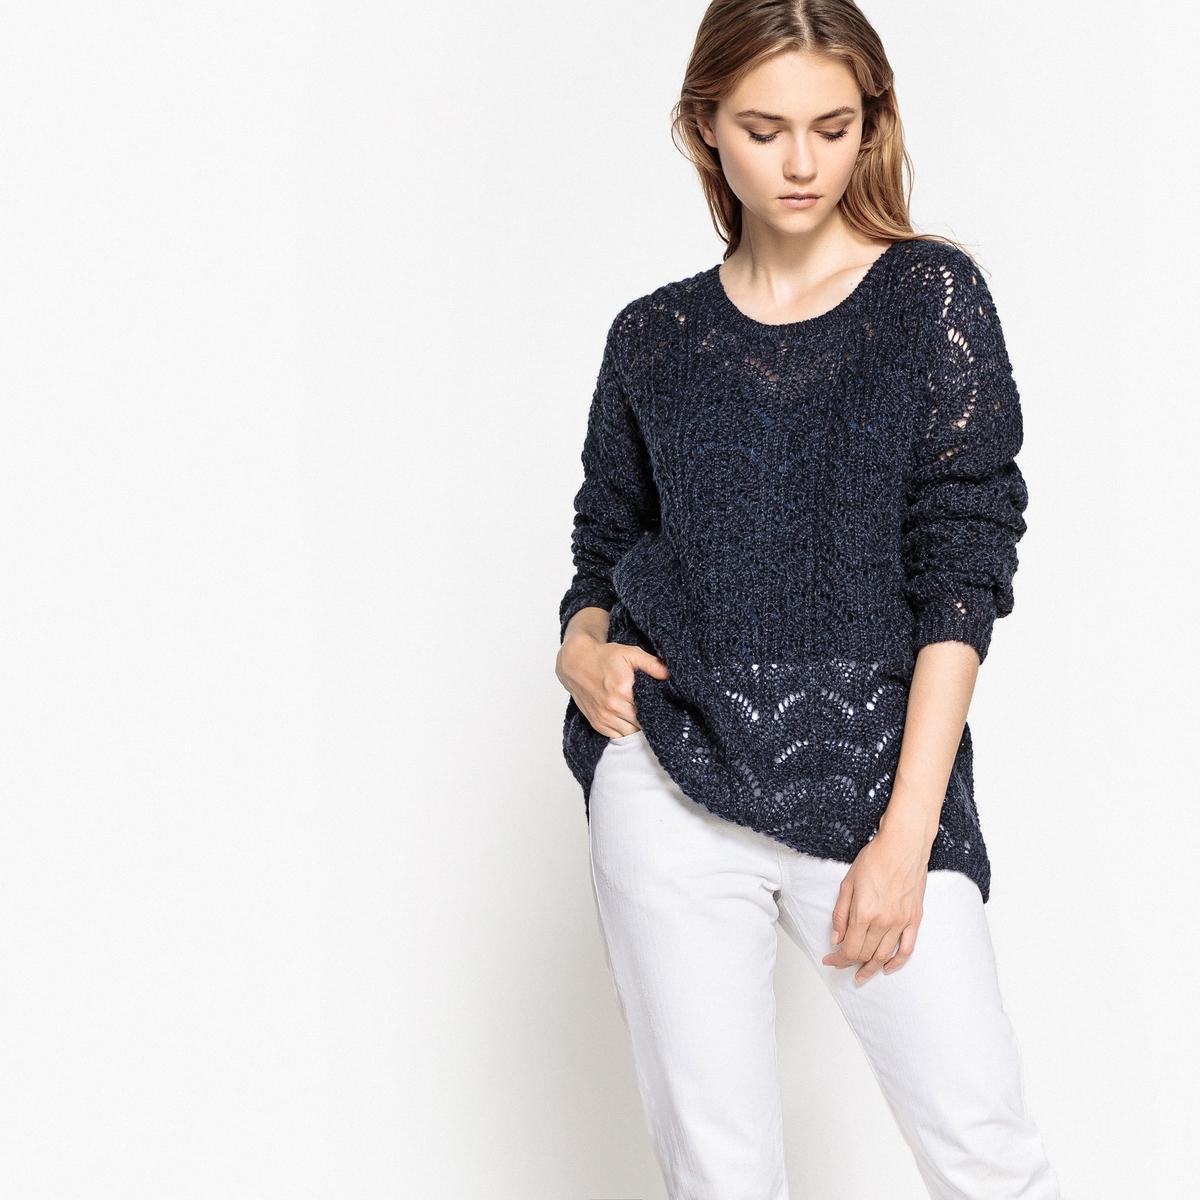 Пуловер ажурный с застежкой на пуговицы сзади, из шерсти ажурный пуловер quelle ajc 787037